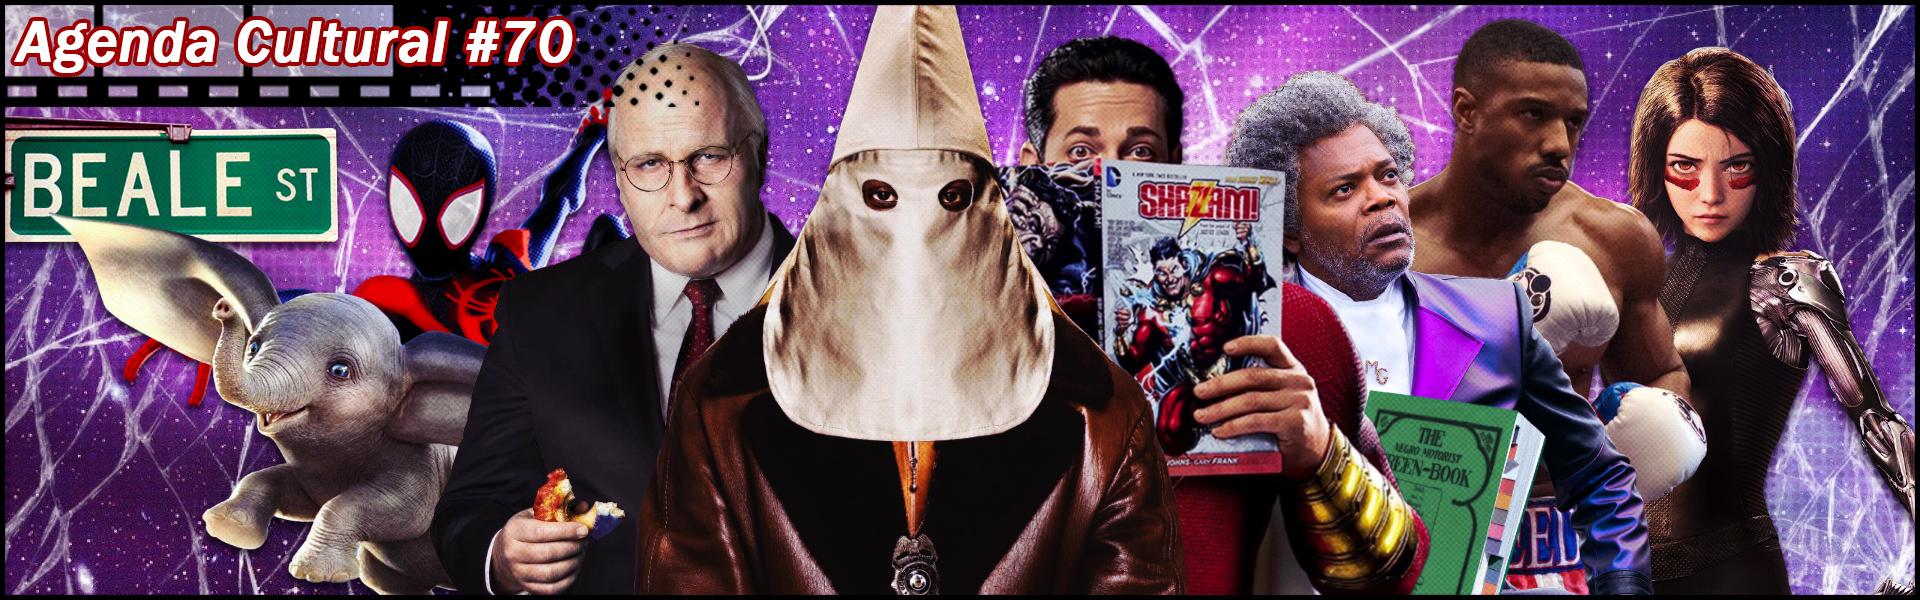 Agenda Cultural 70 | Infiltrado na Klan, Green Book, Shazam!